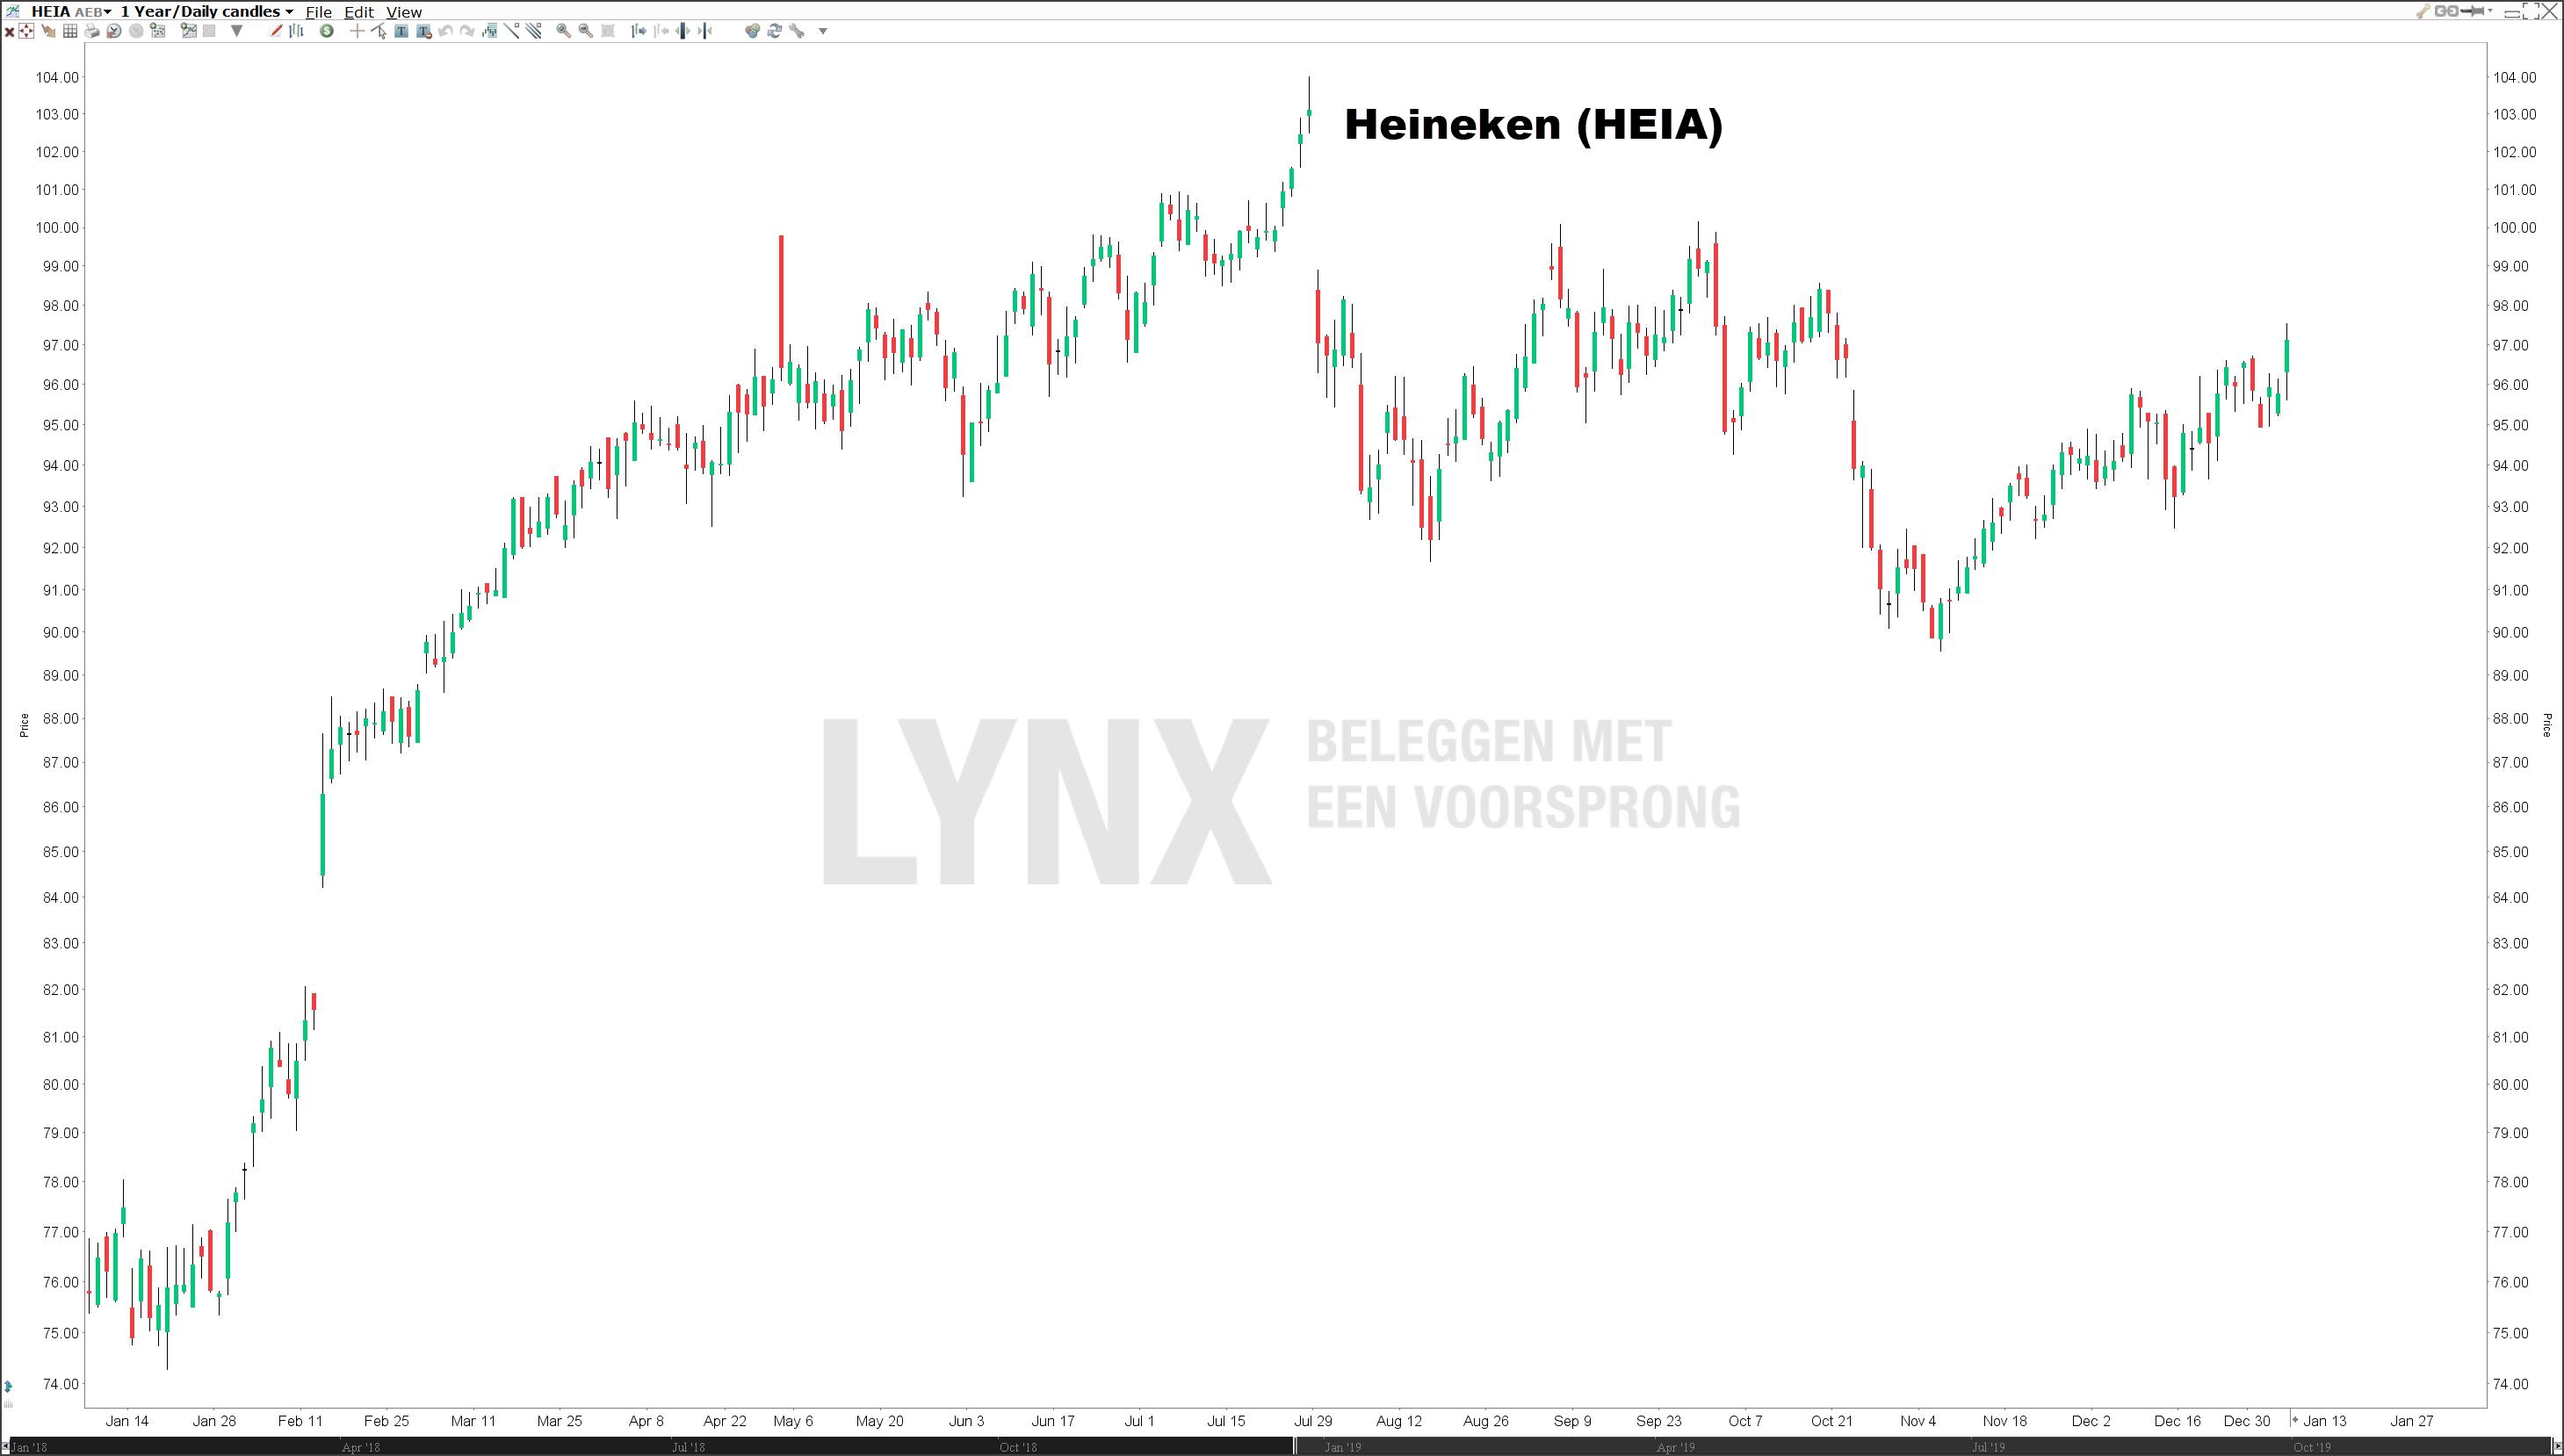 Koers Heineken Nederlandse Aandelen